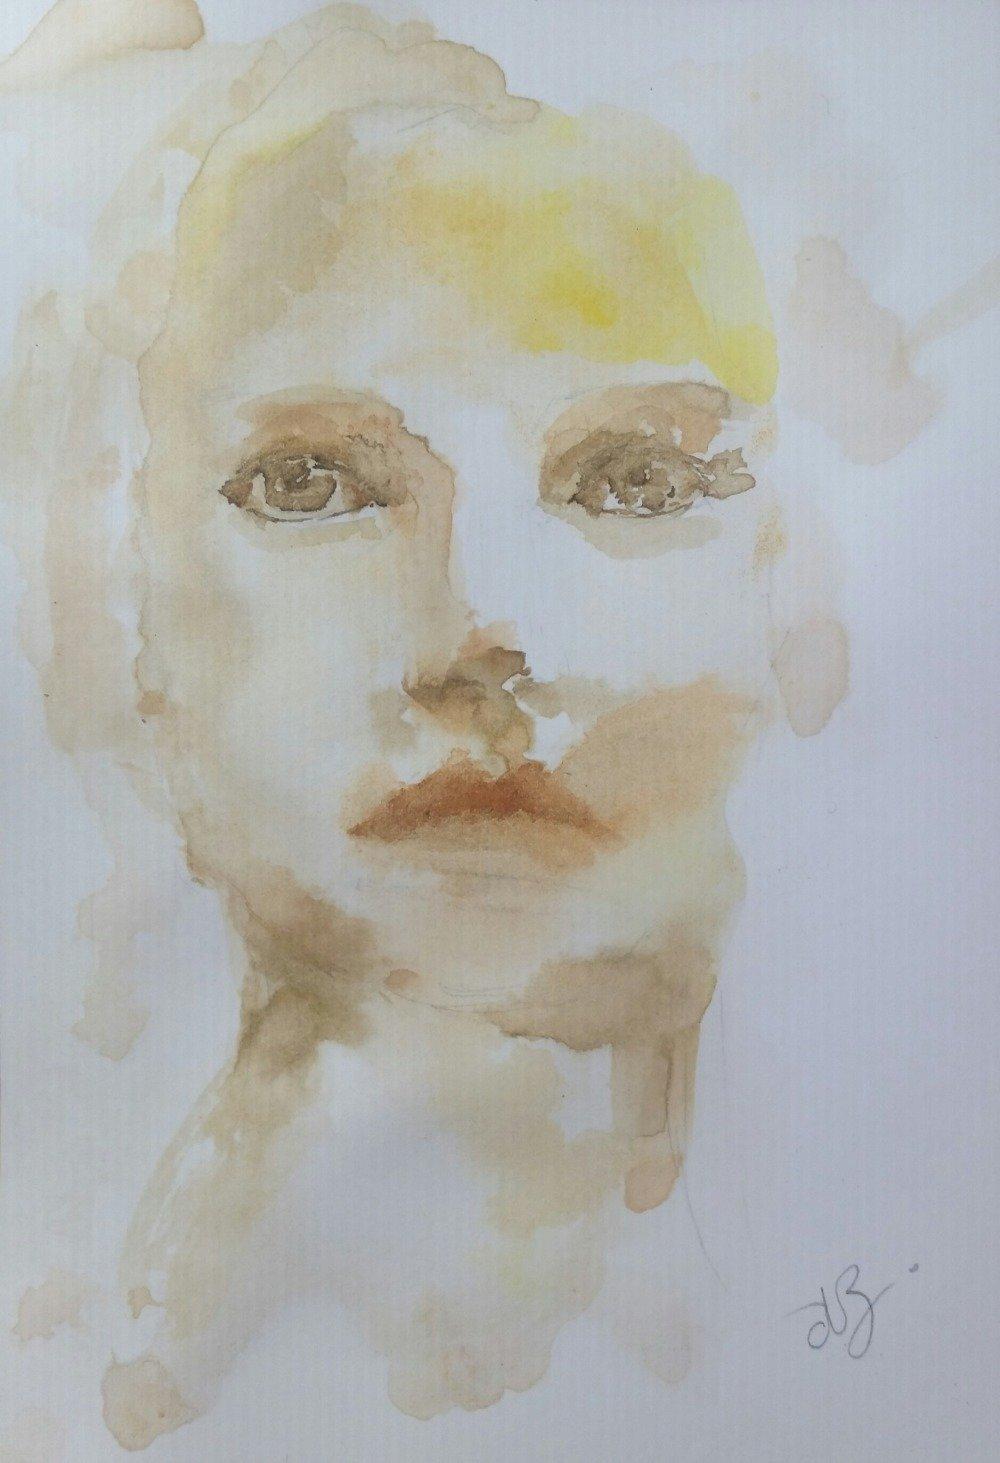 Portrait à l'encre sur papier